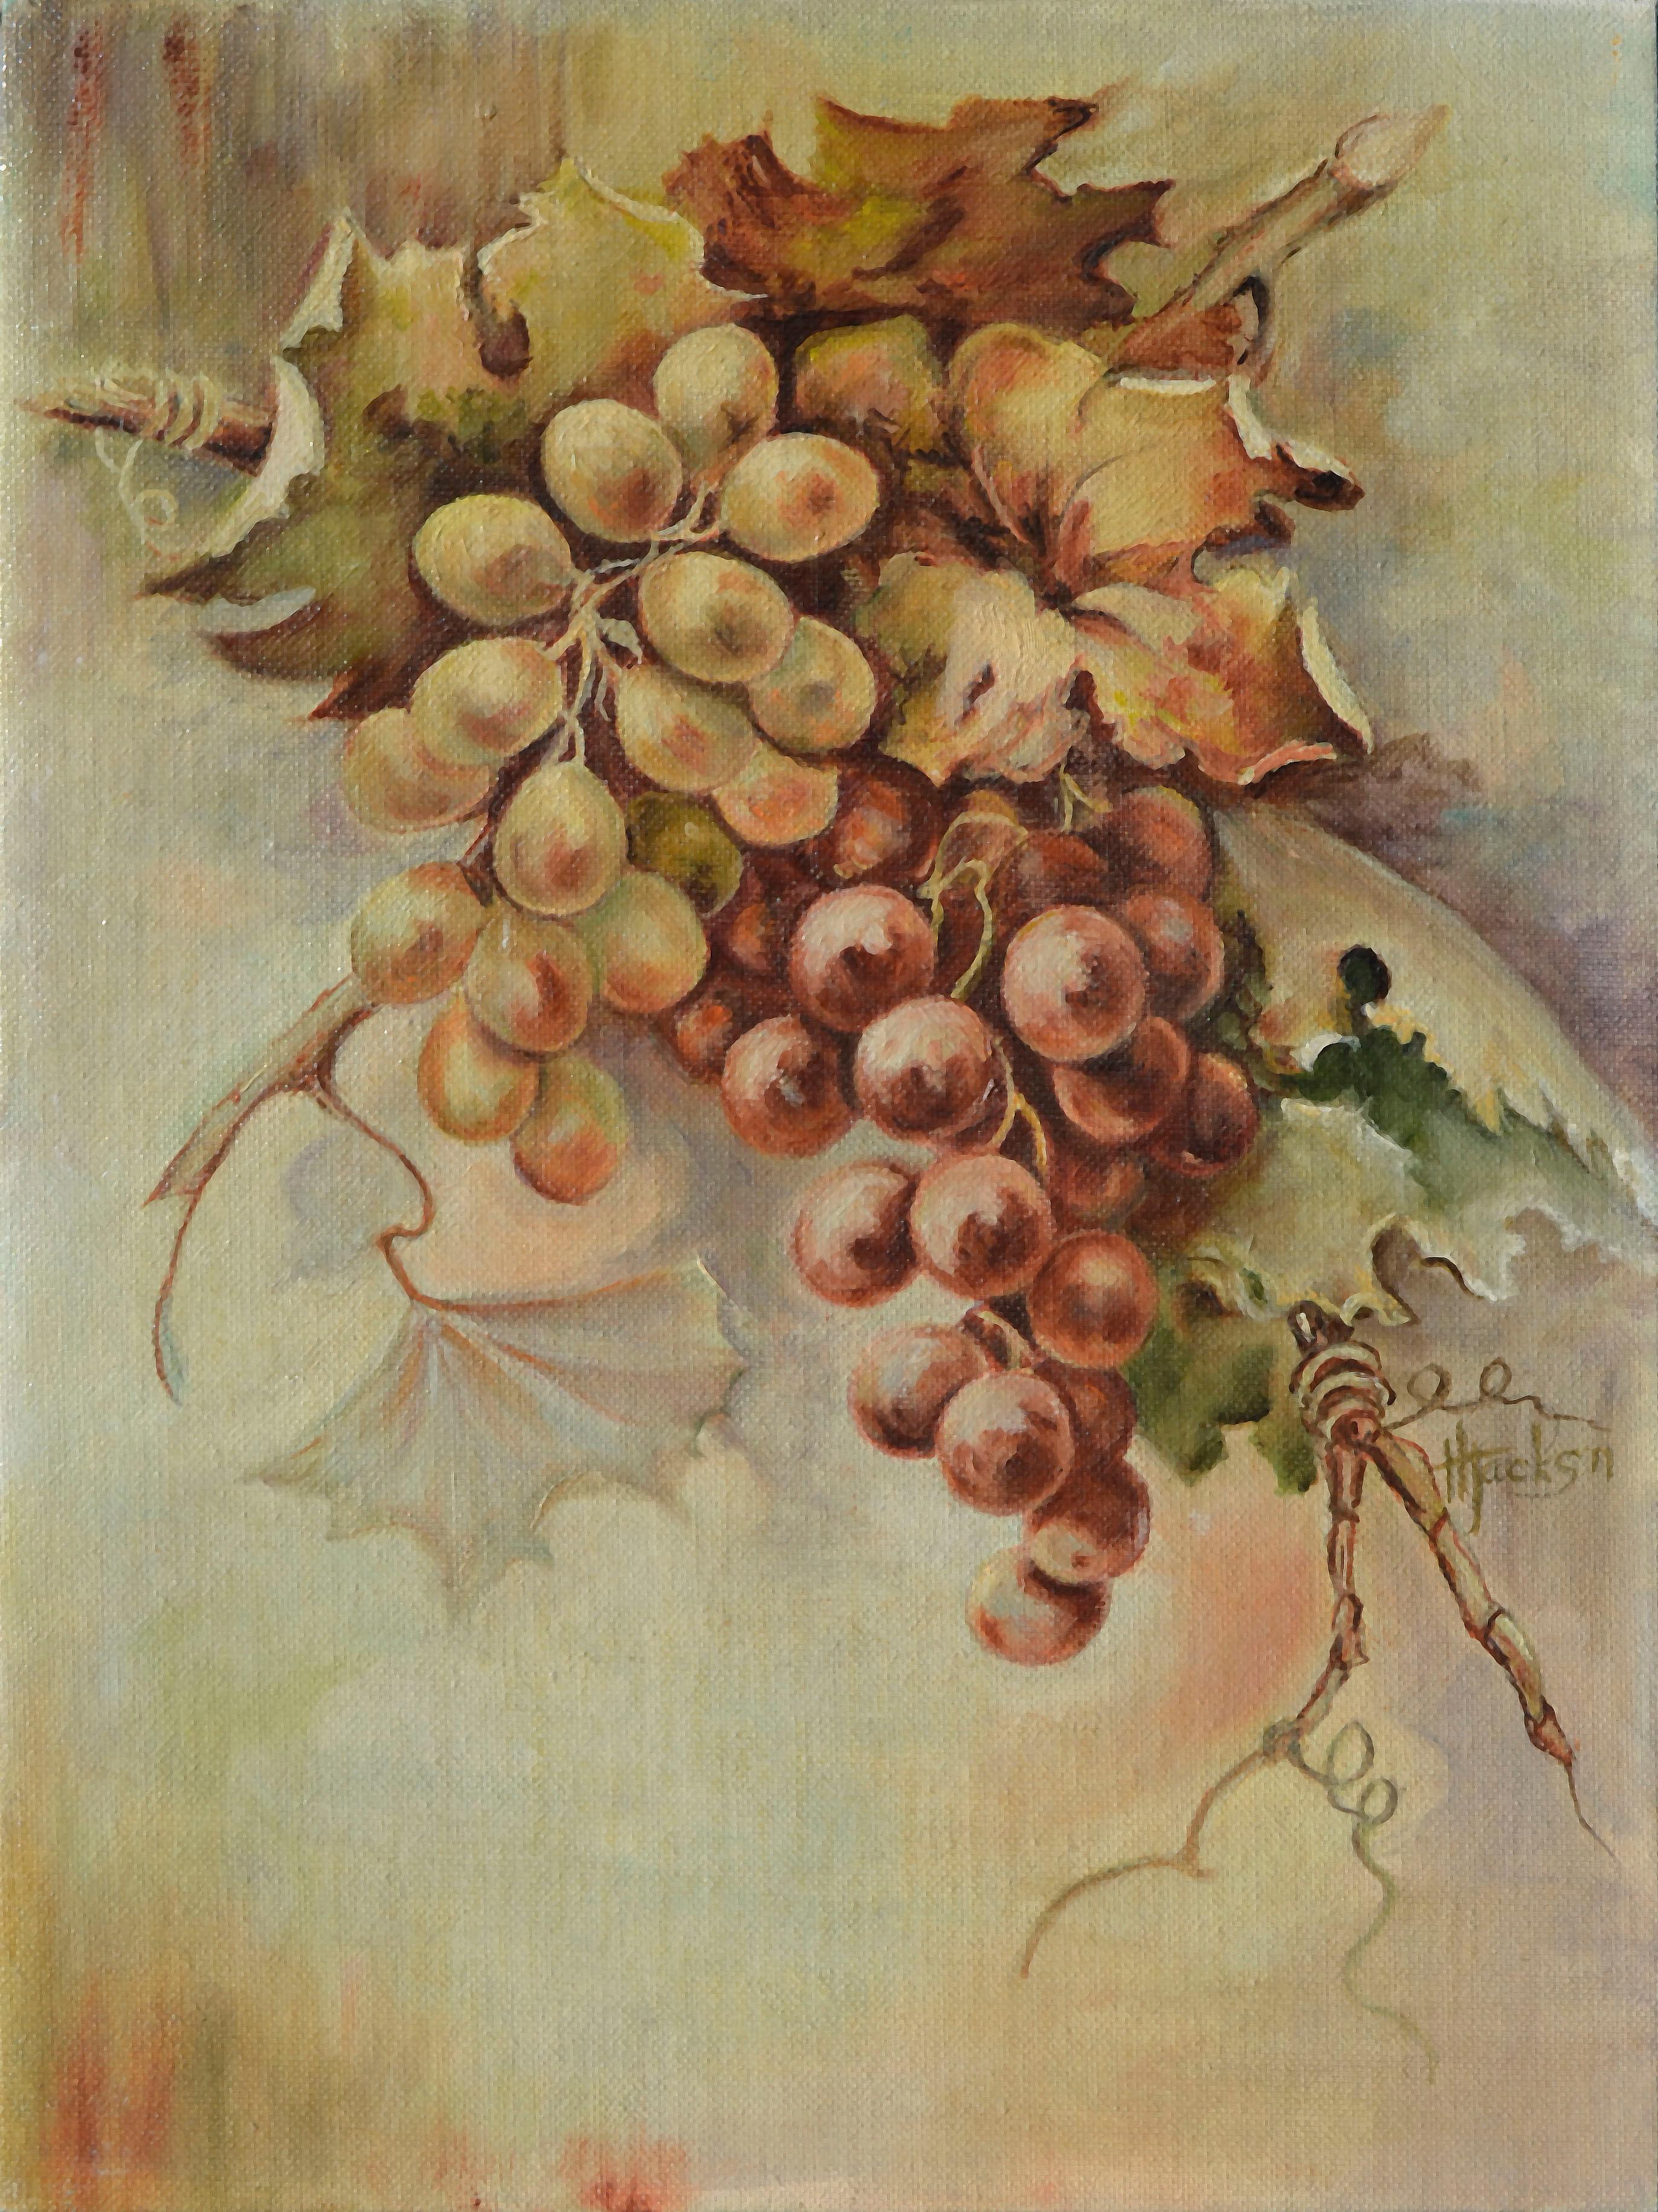 Mid Century Grapes Still Life